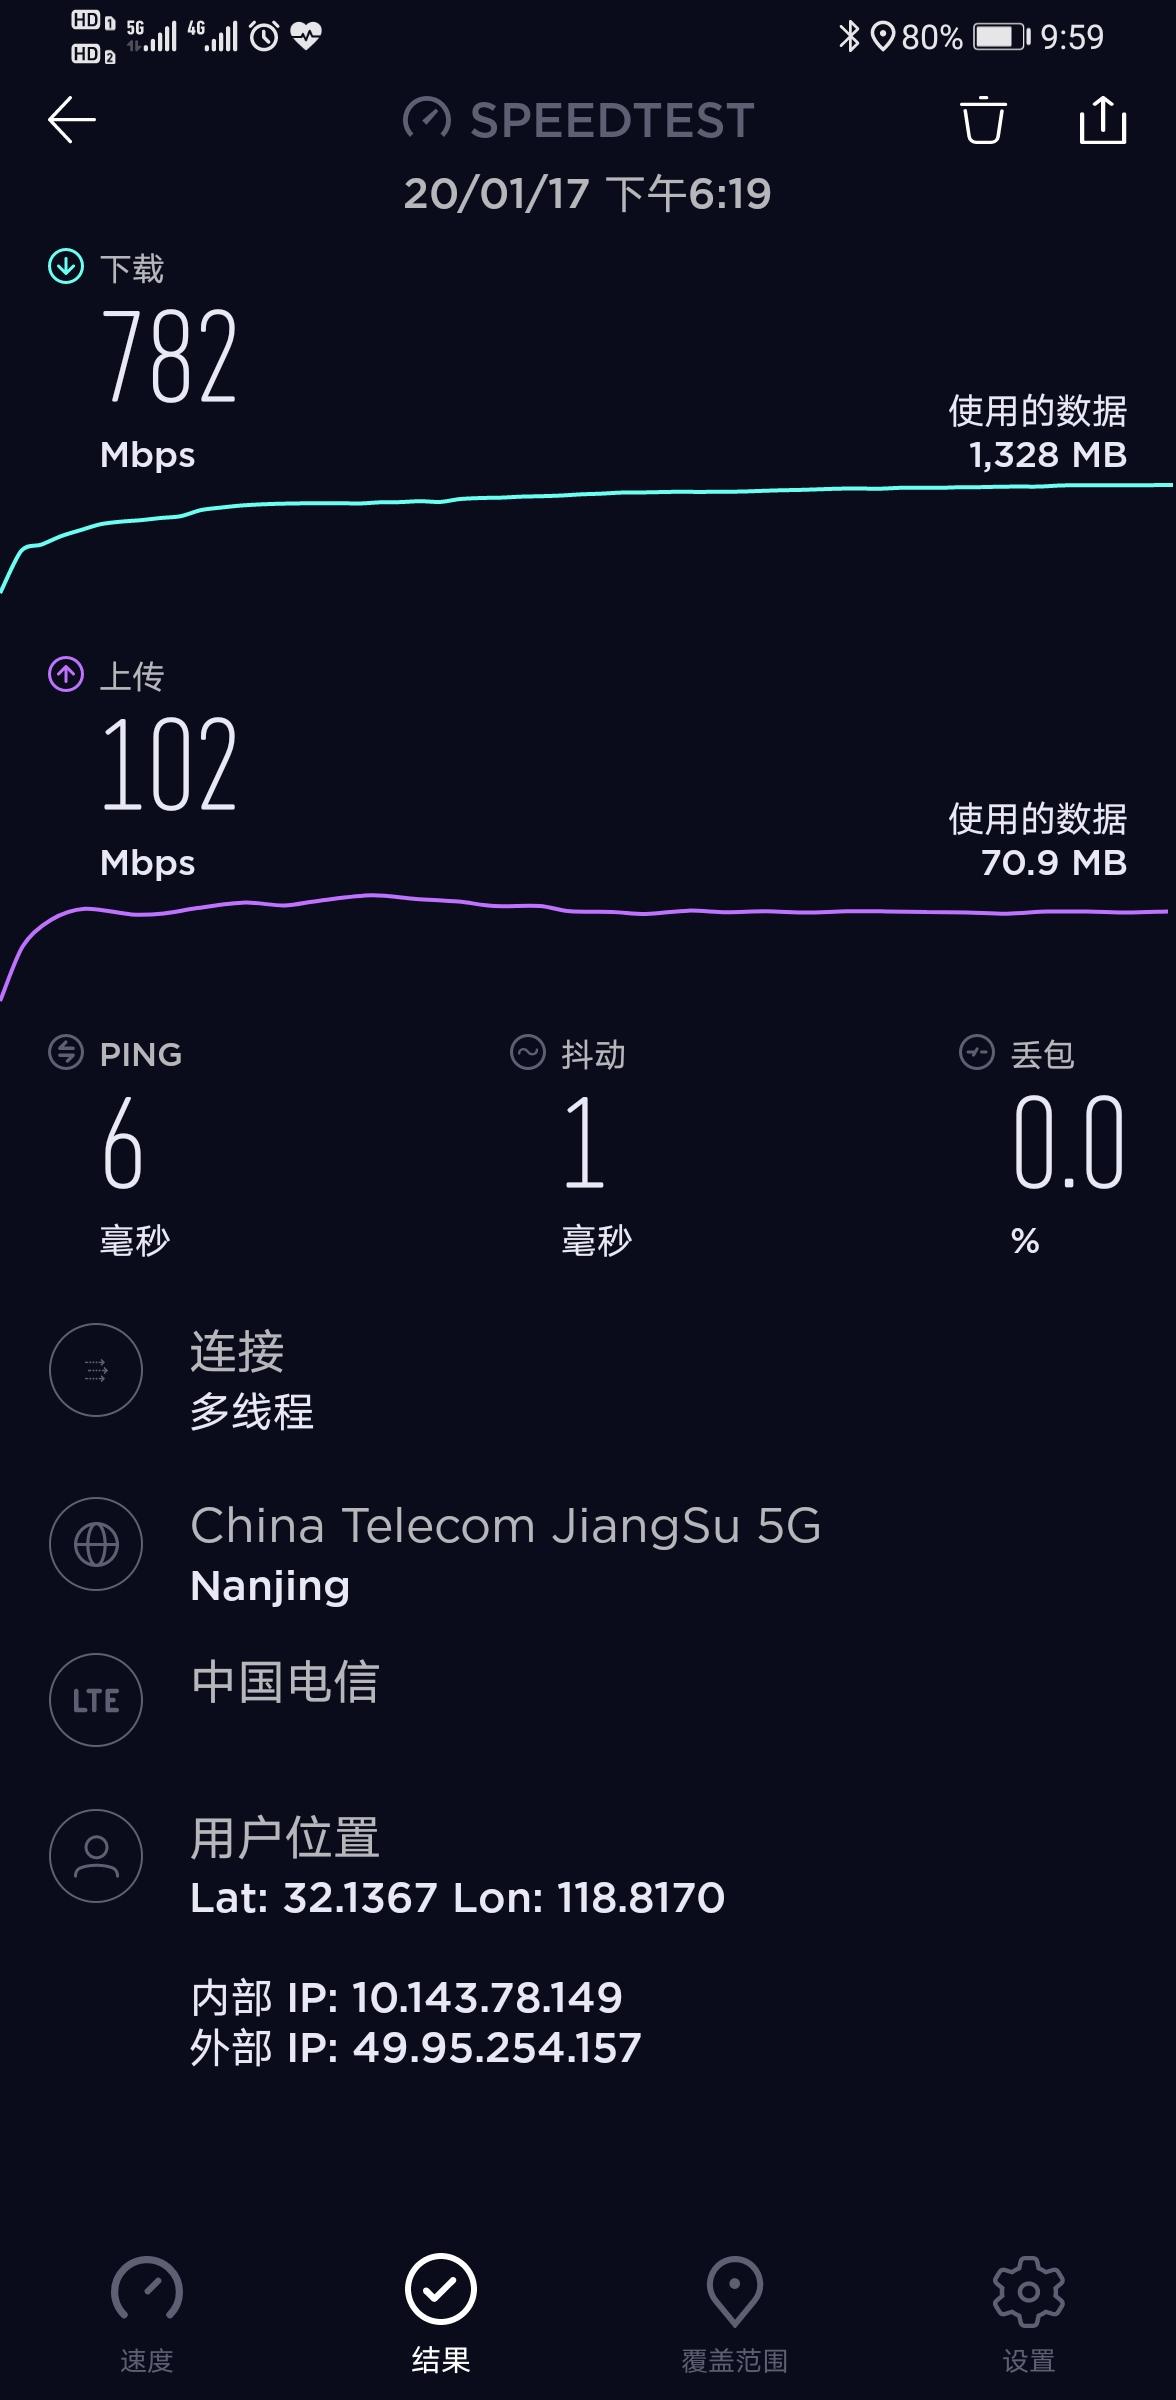 Screenshot_20200409_095904_org.zwanoo.android.speedtest.jpg